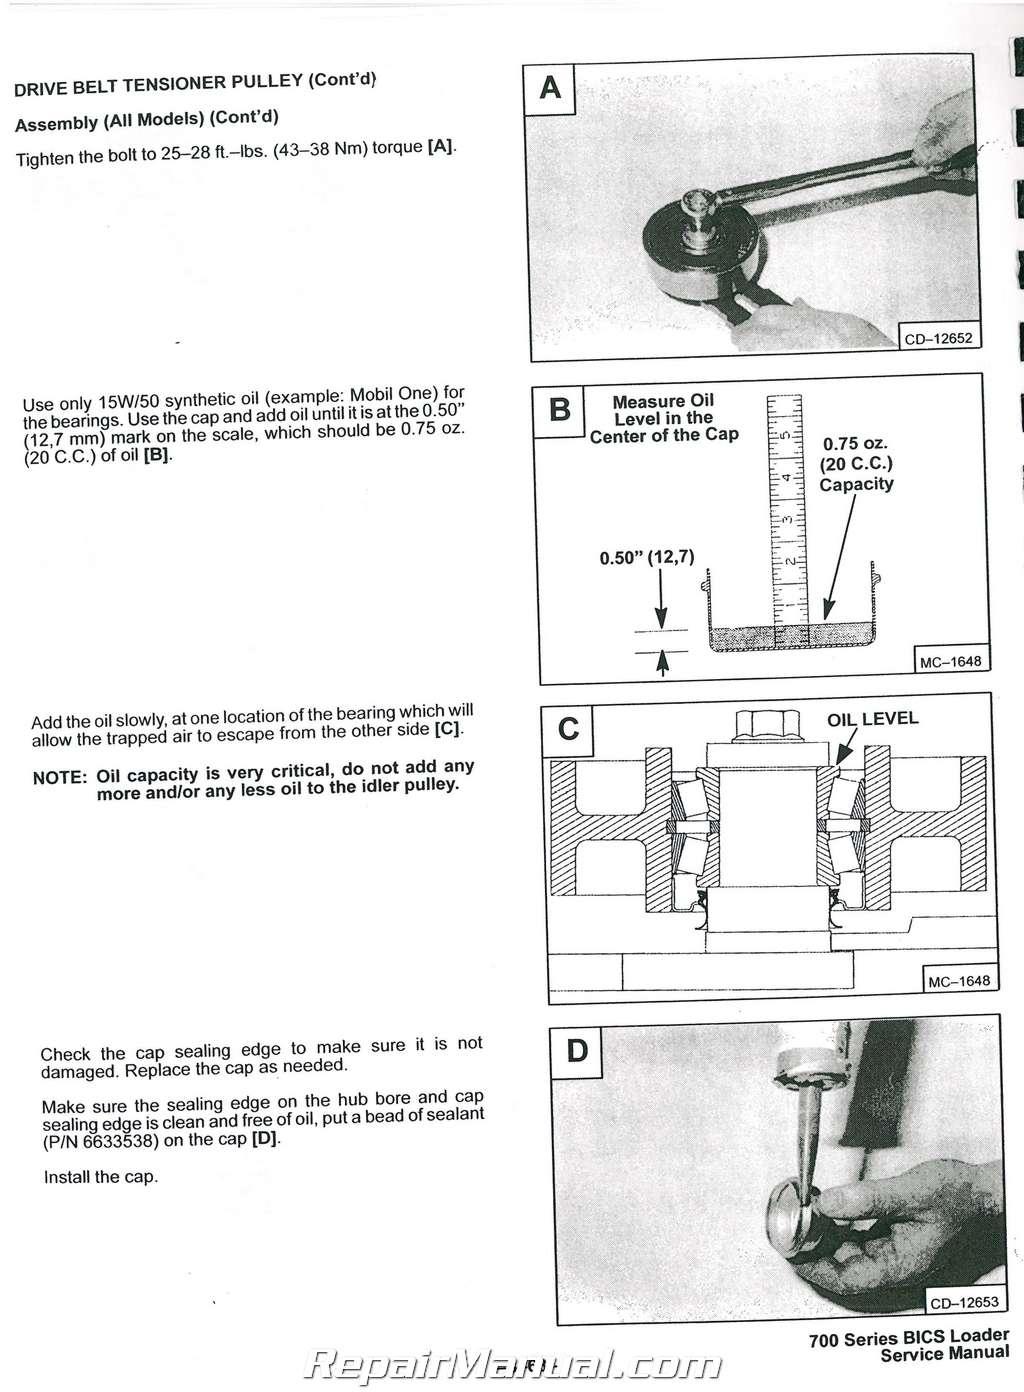 DOWNLOAD BOBCAT (BOB CAT) Service Manuals Parts Manuals ...